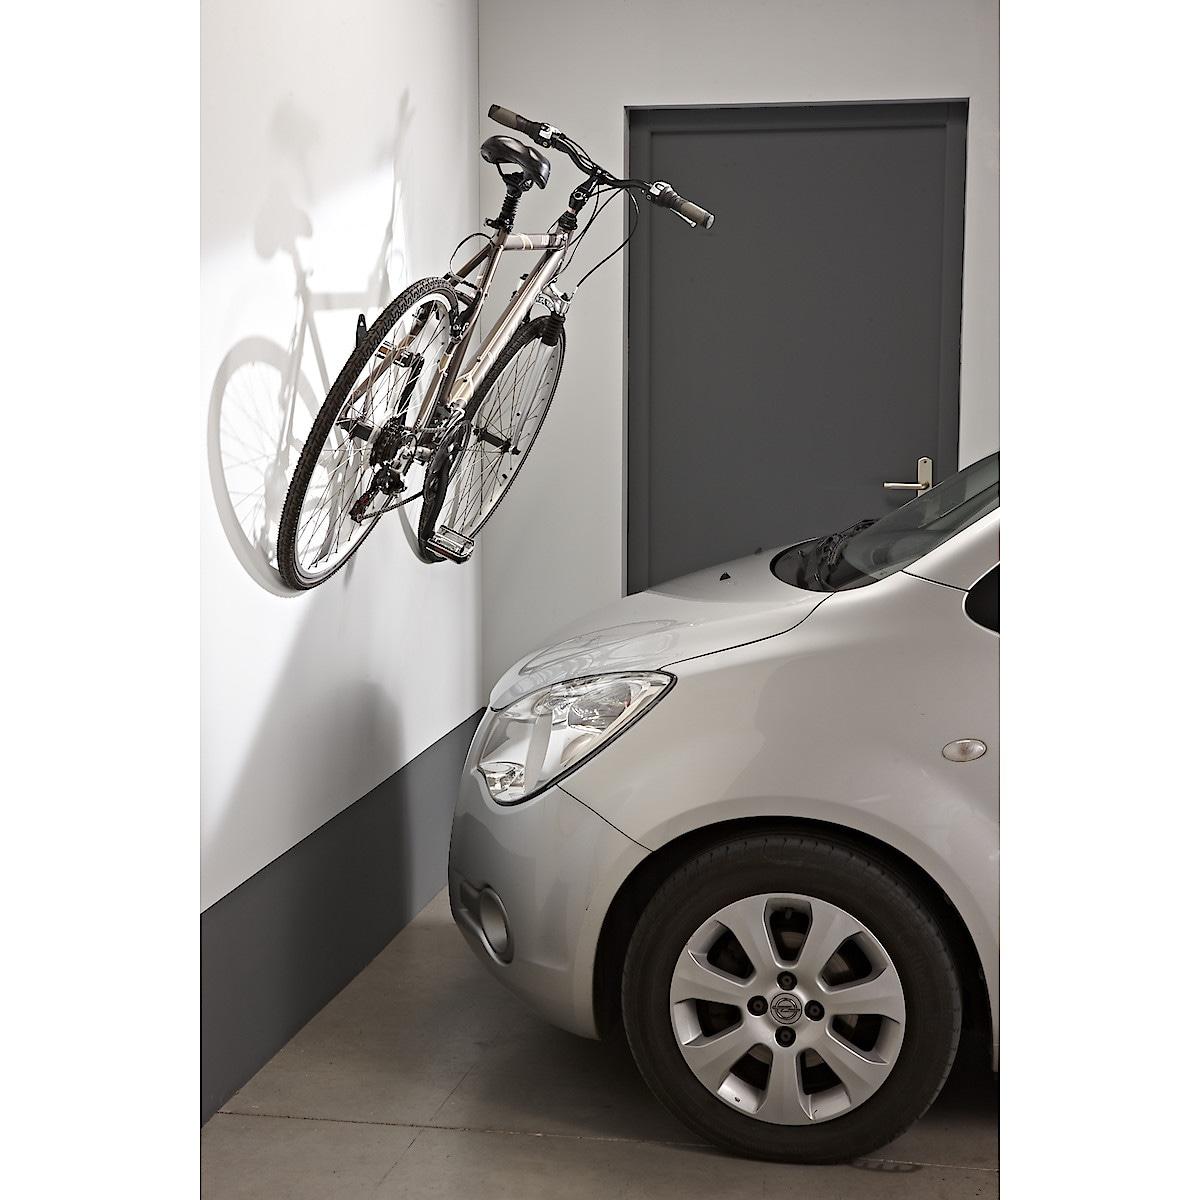 Seinäkoukku polkupyörälle